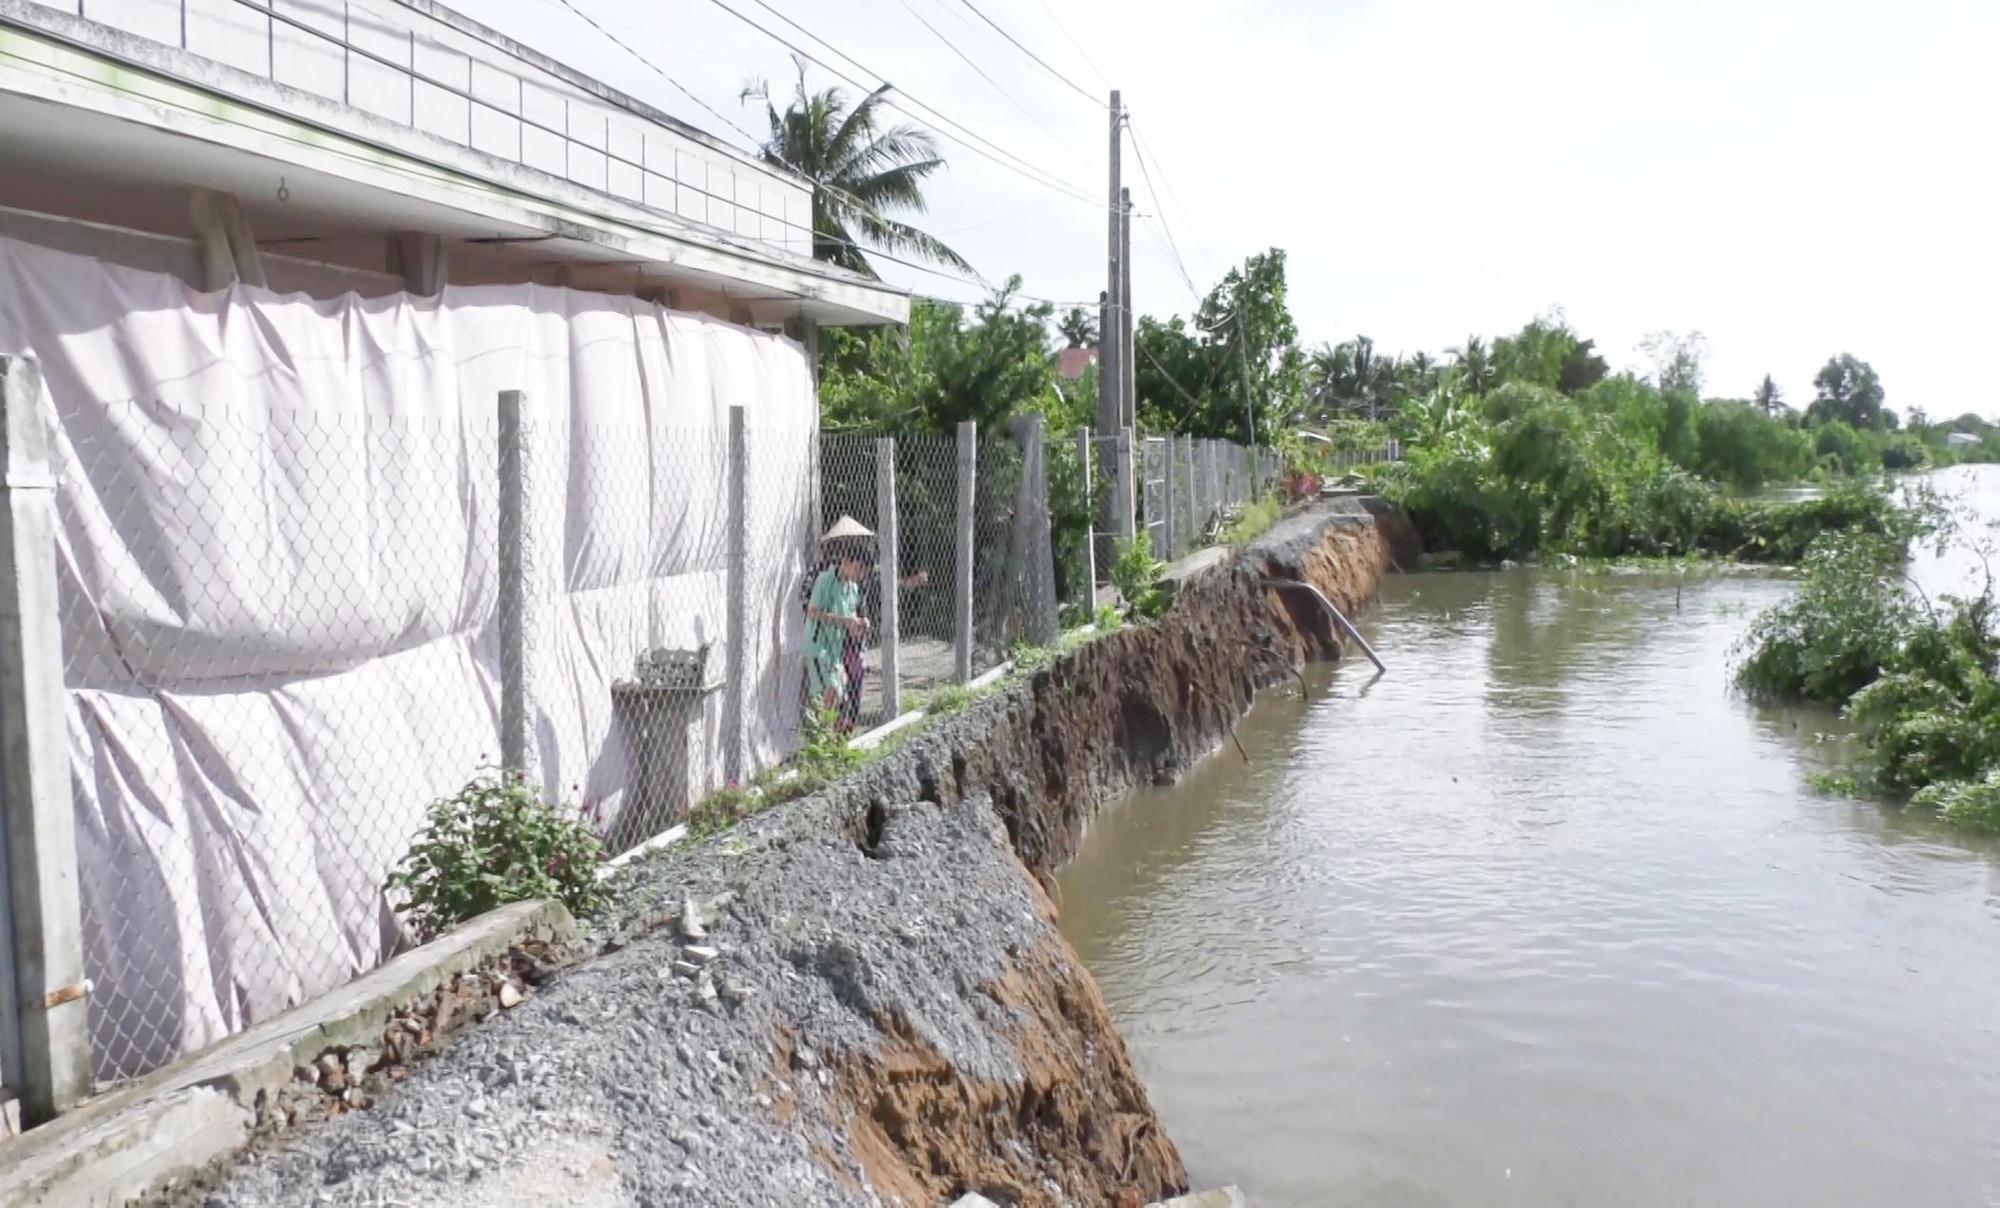 Sạt lở đường ven sông chia cắt hàng trăm hộ dân Ảnh 1